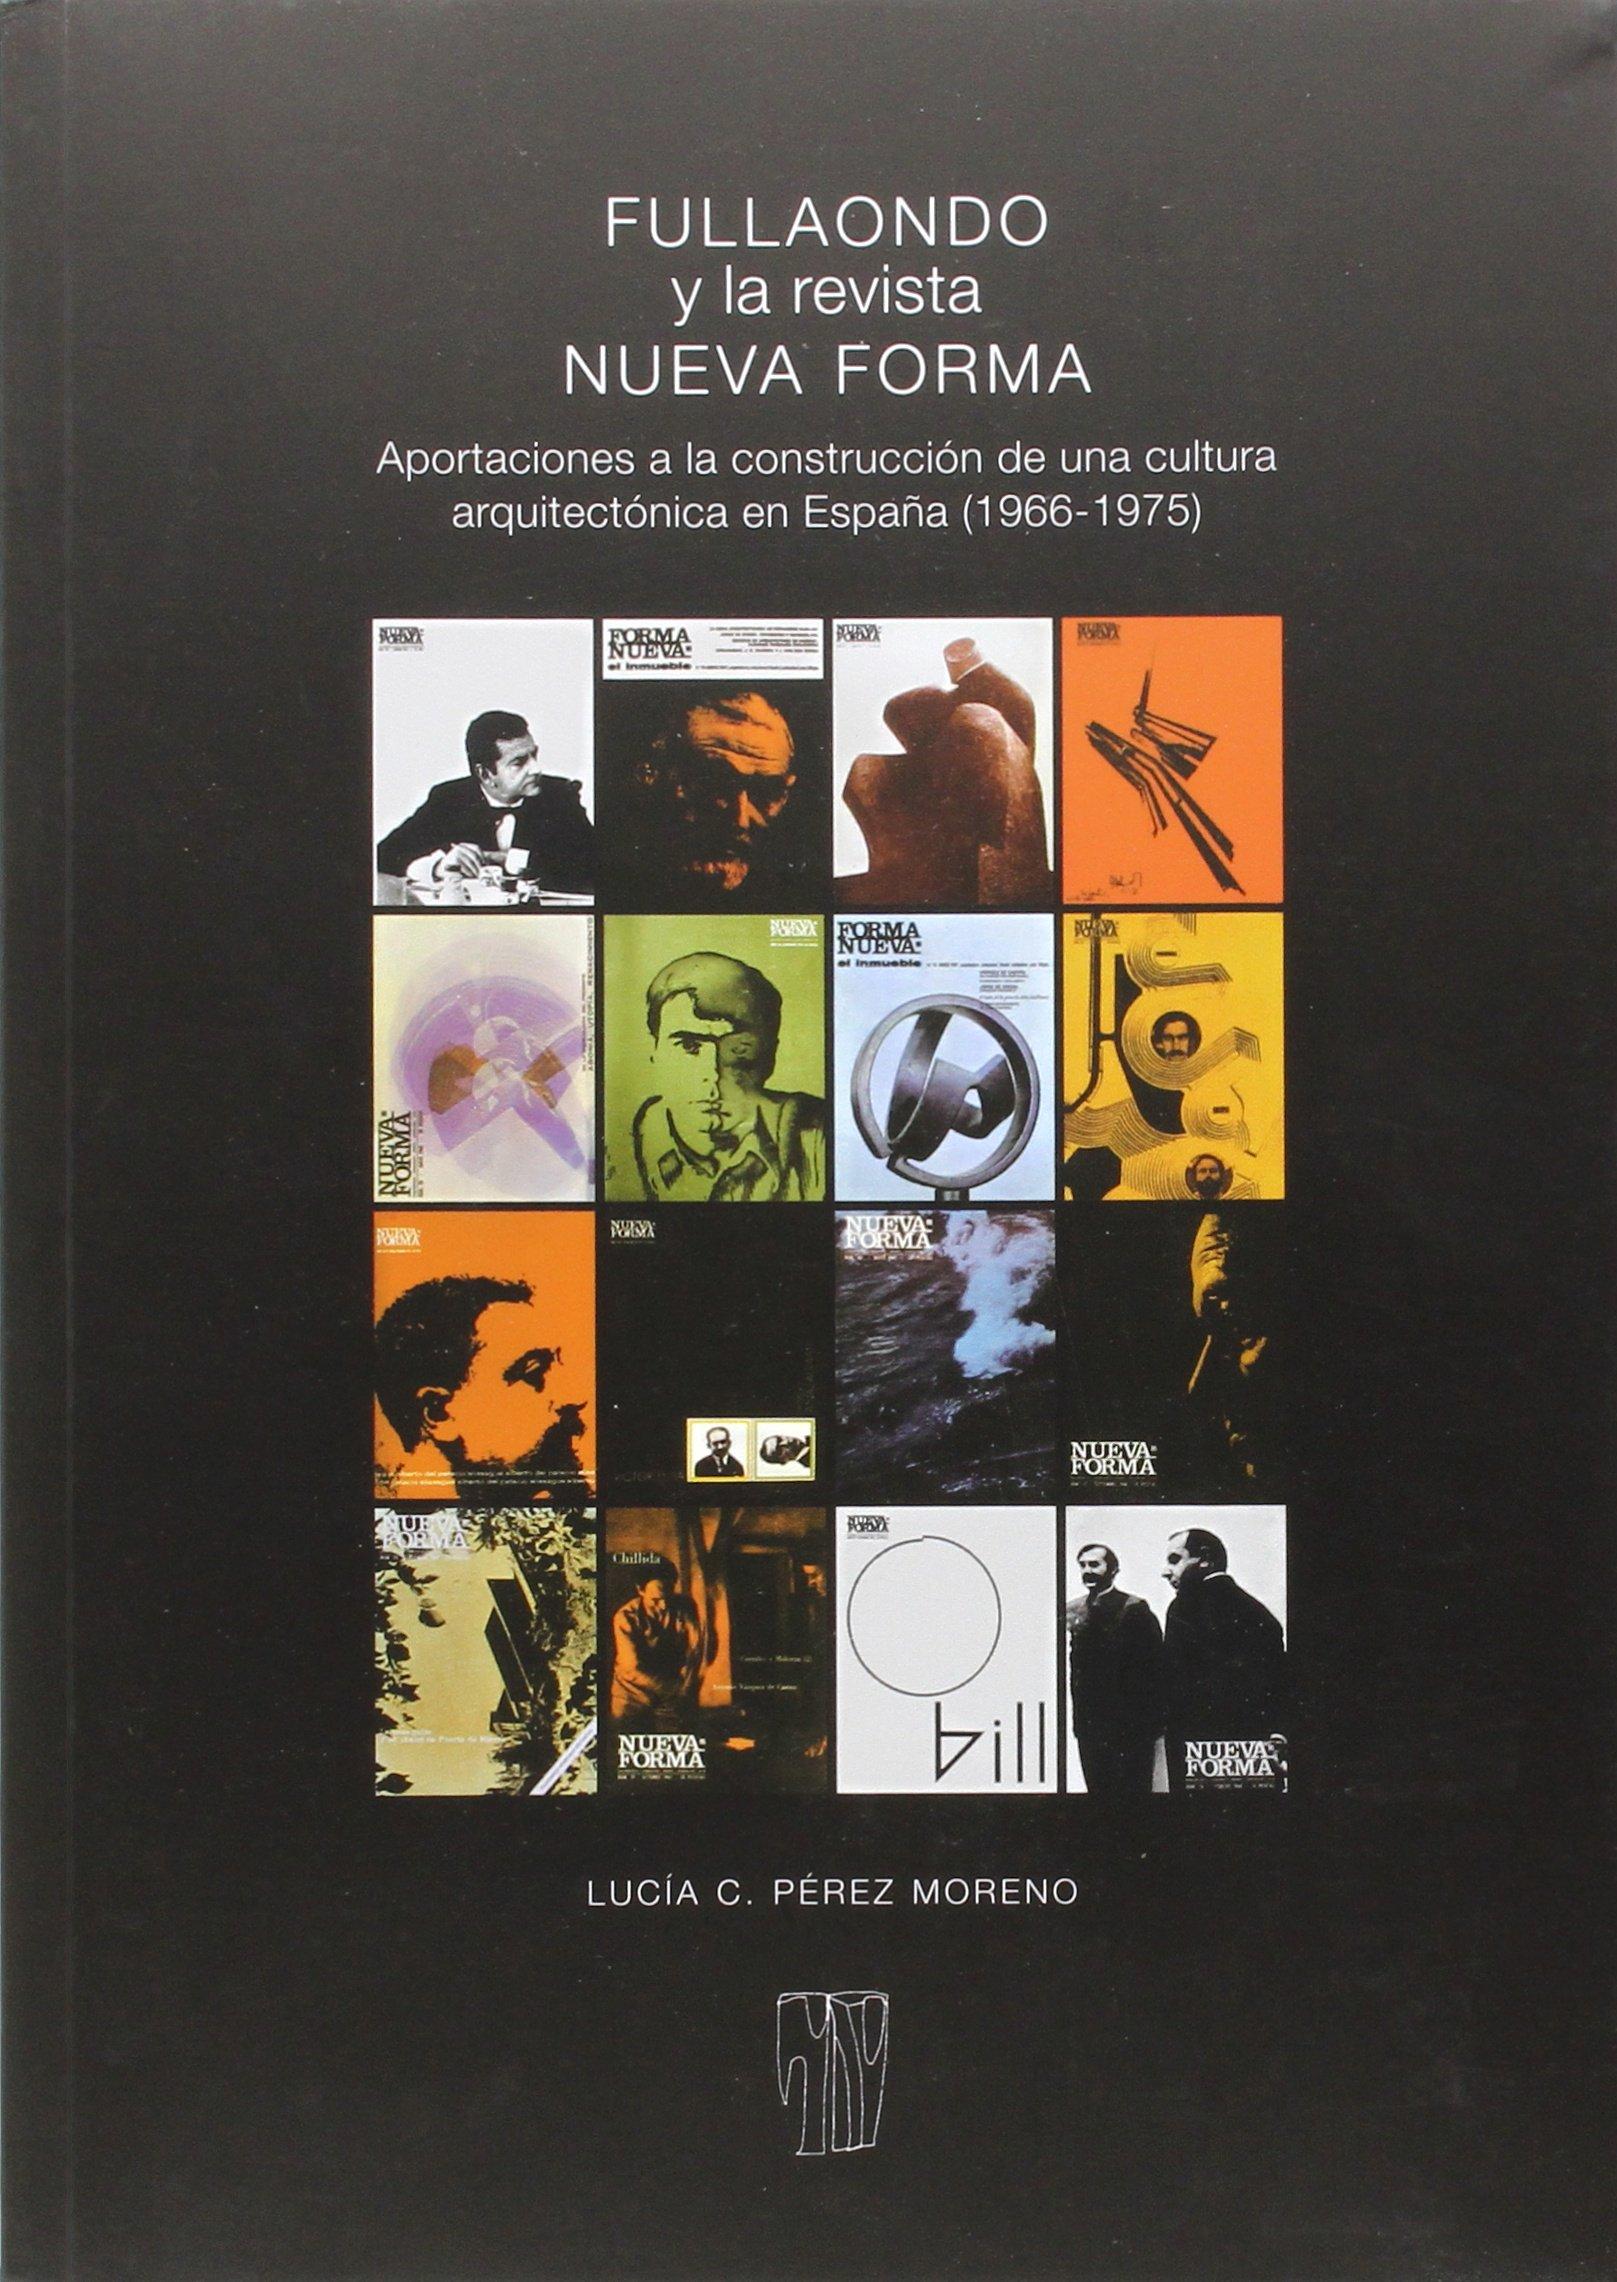 Fullaondo Y La Nueva Revista Forma (Prometeo) Tapa blanda – 10 jun 2015 Lucía Carmen Pérez Moreno Fm Oteiza 8494377418 Spain